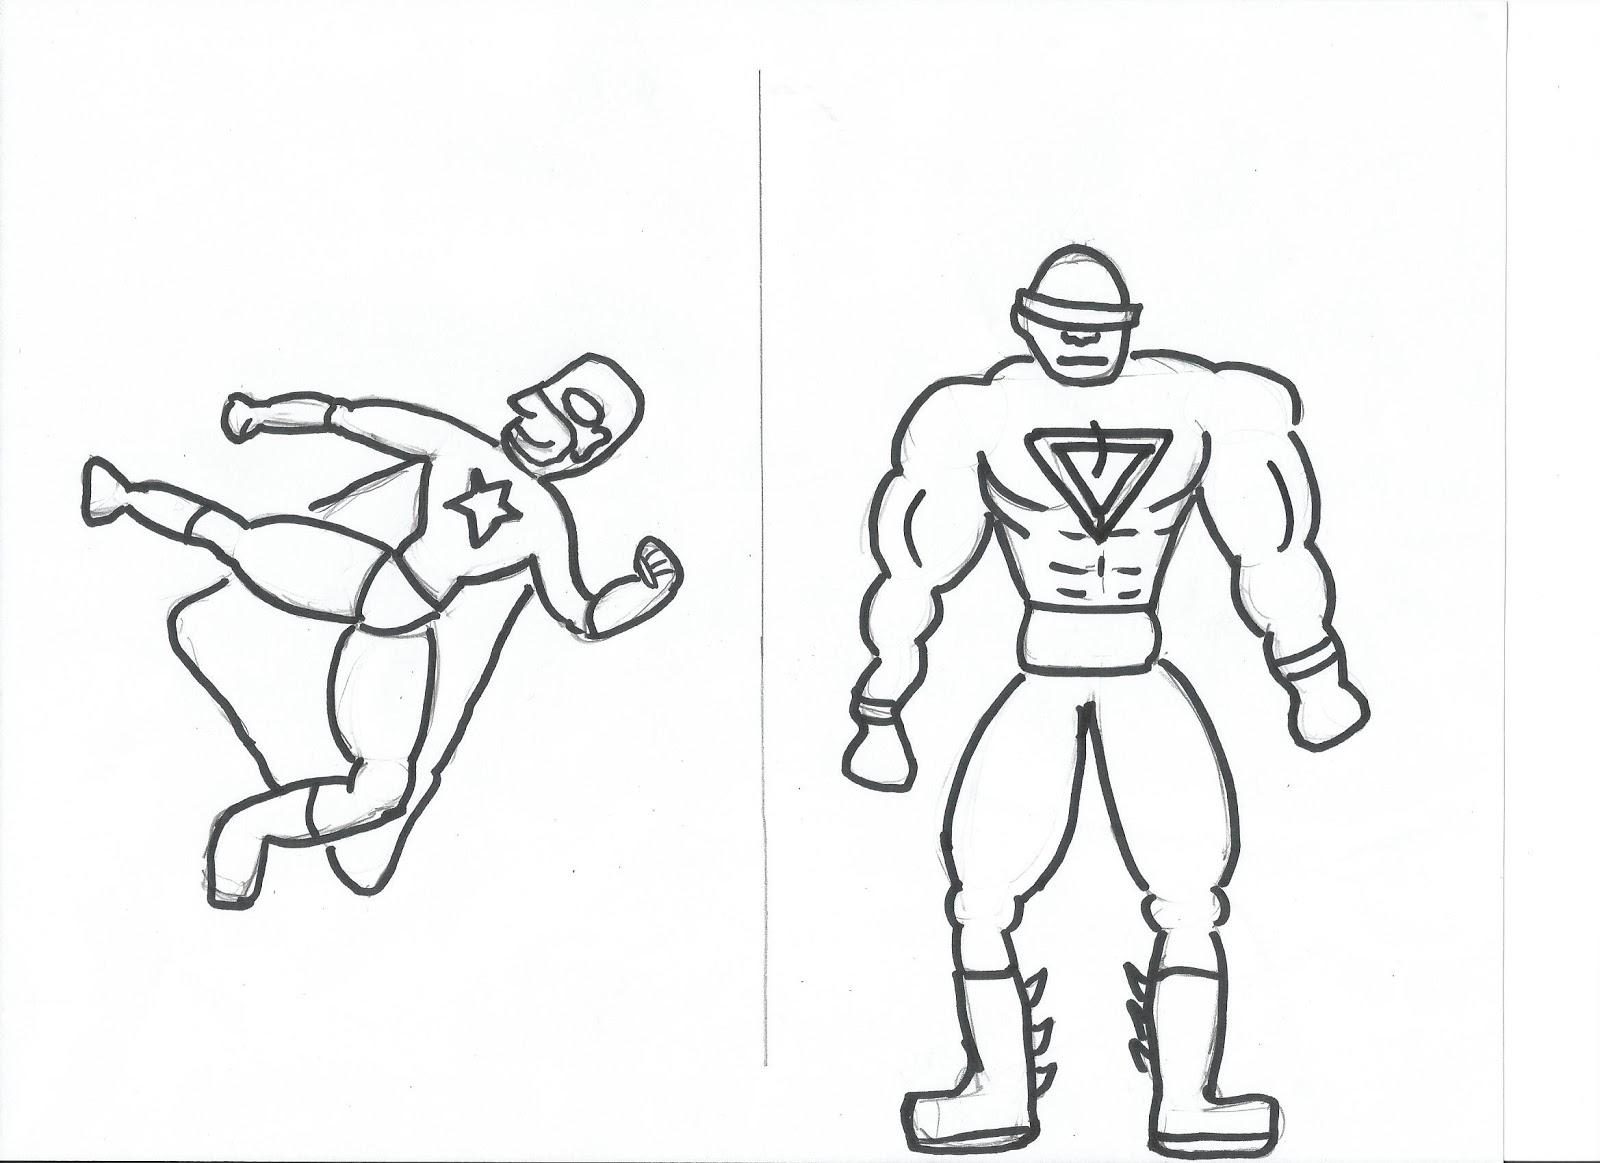 Pinteressaie dessiner des super h ros - Super heros a dessiner ...